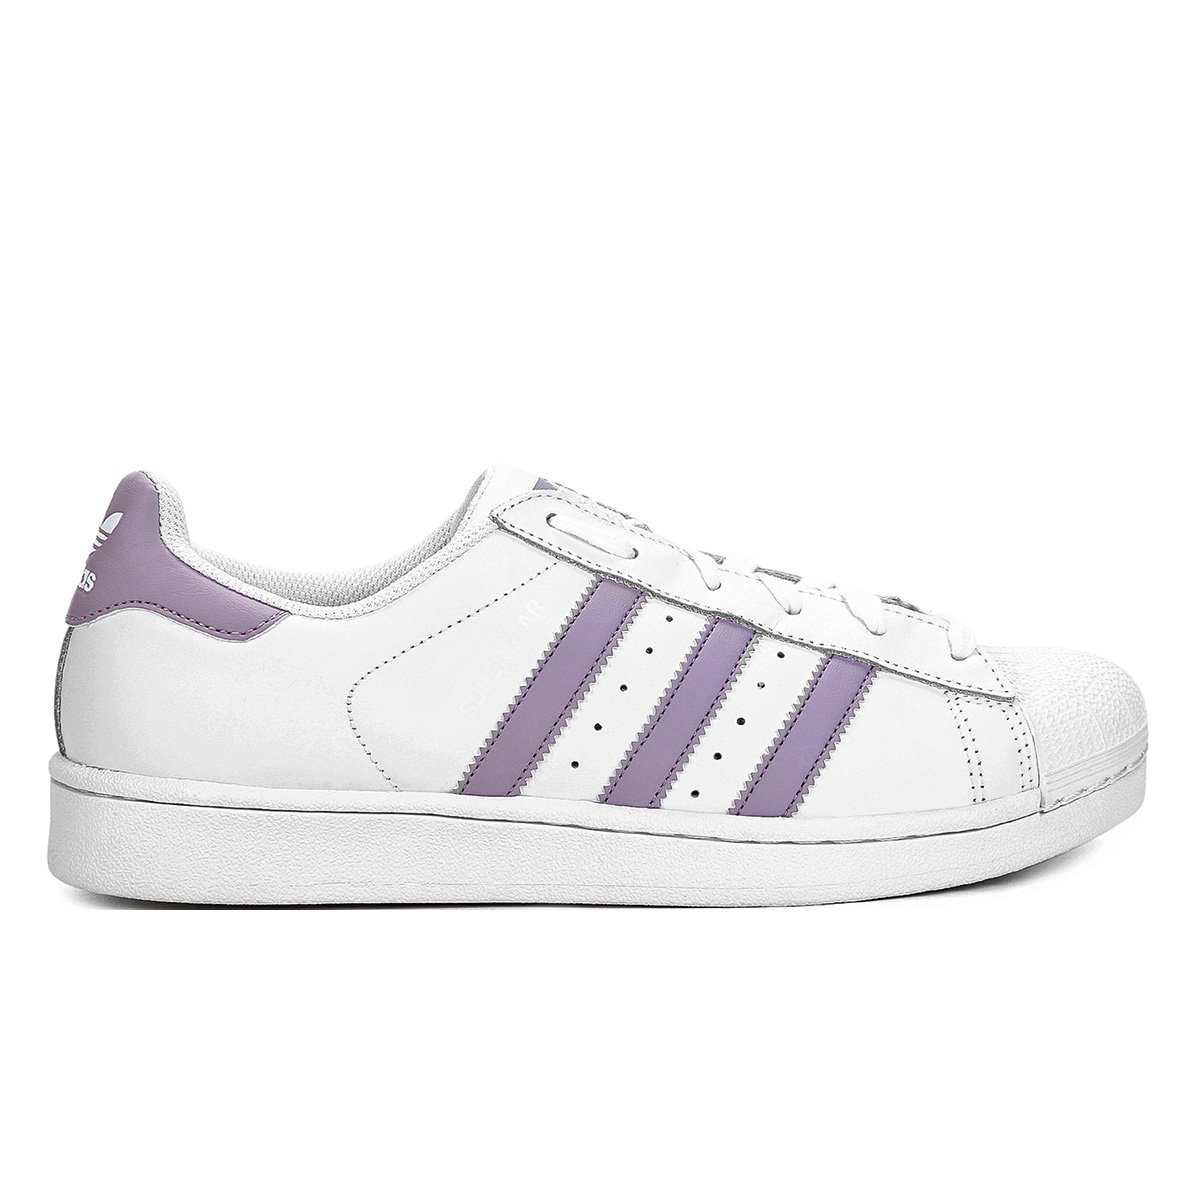 45cb4a1a0 Tênis Adidas Superstar - Compre Agora